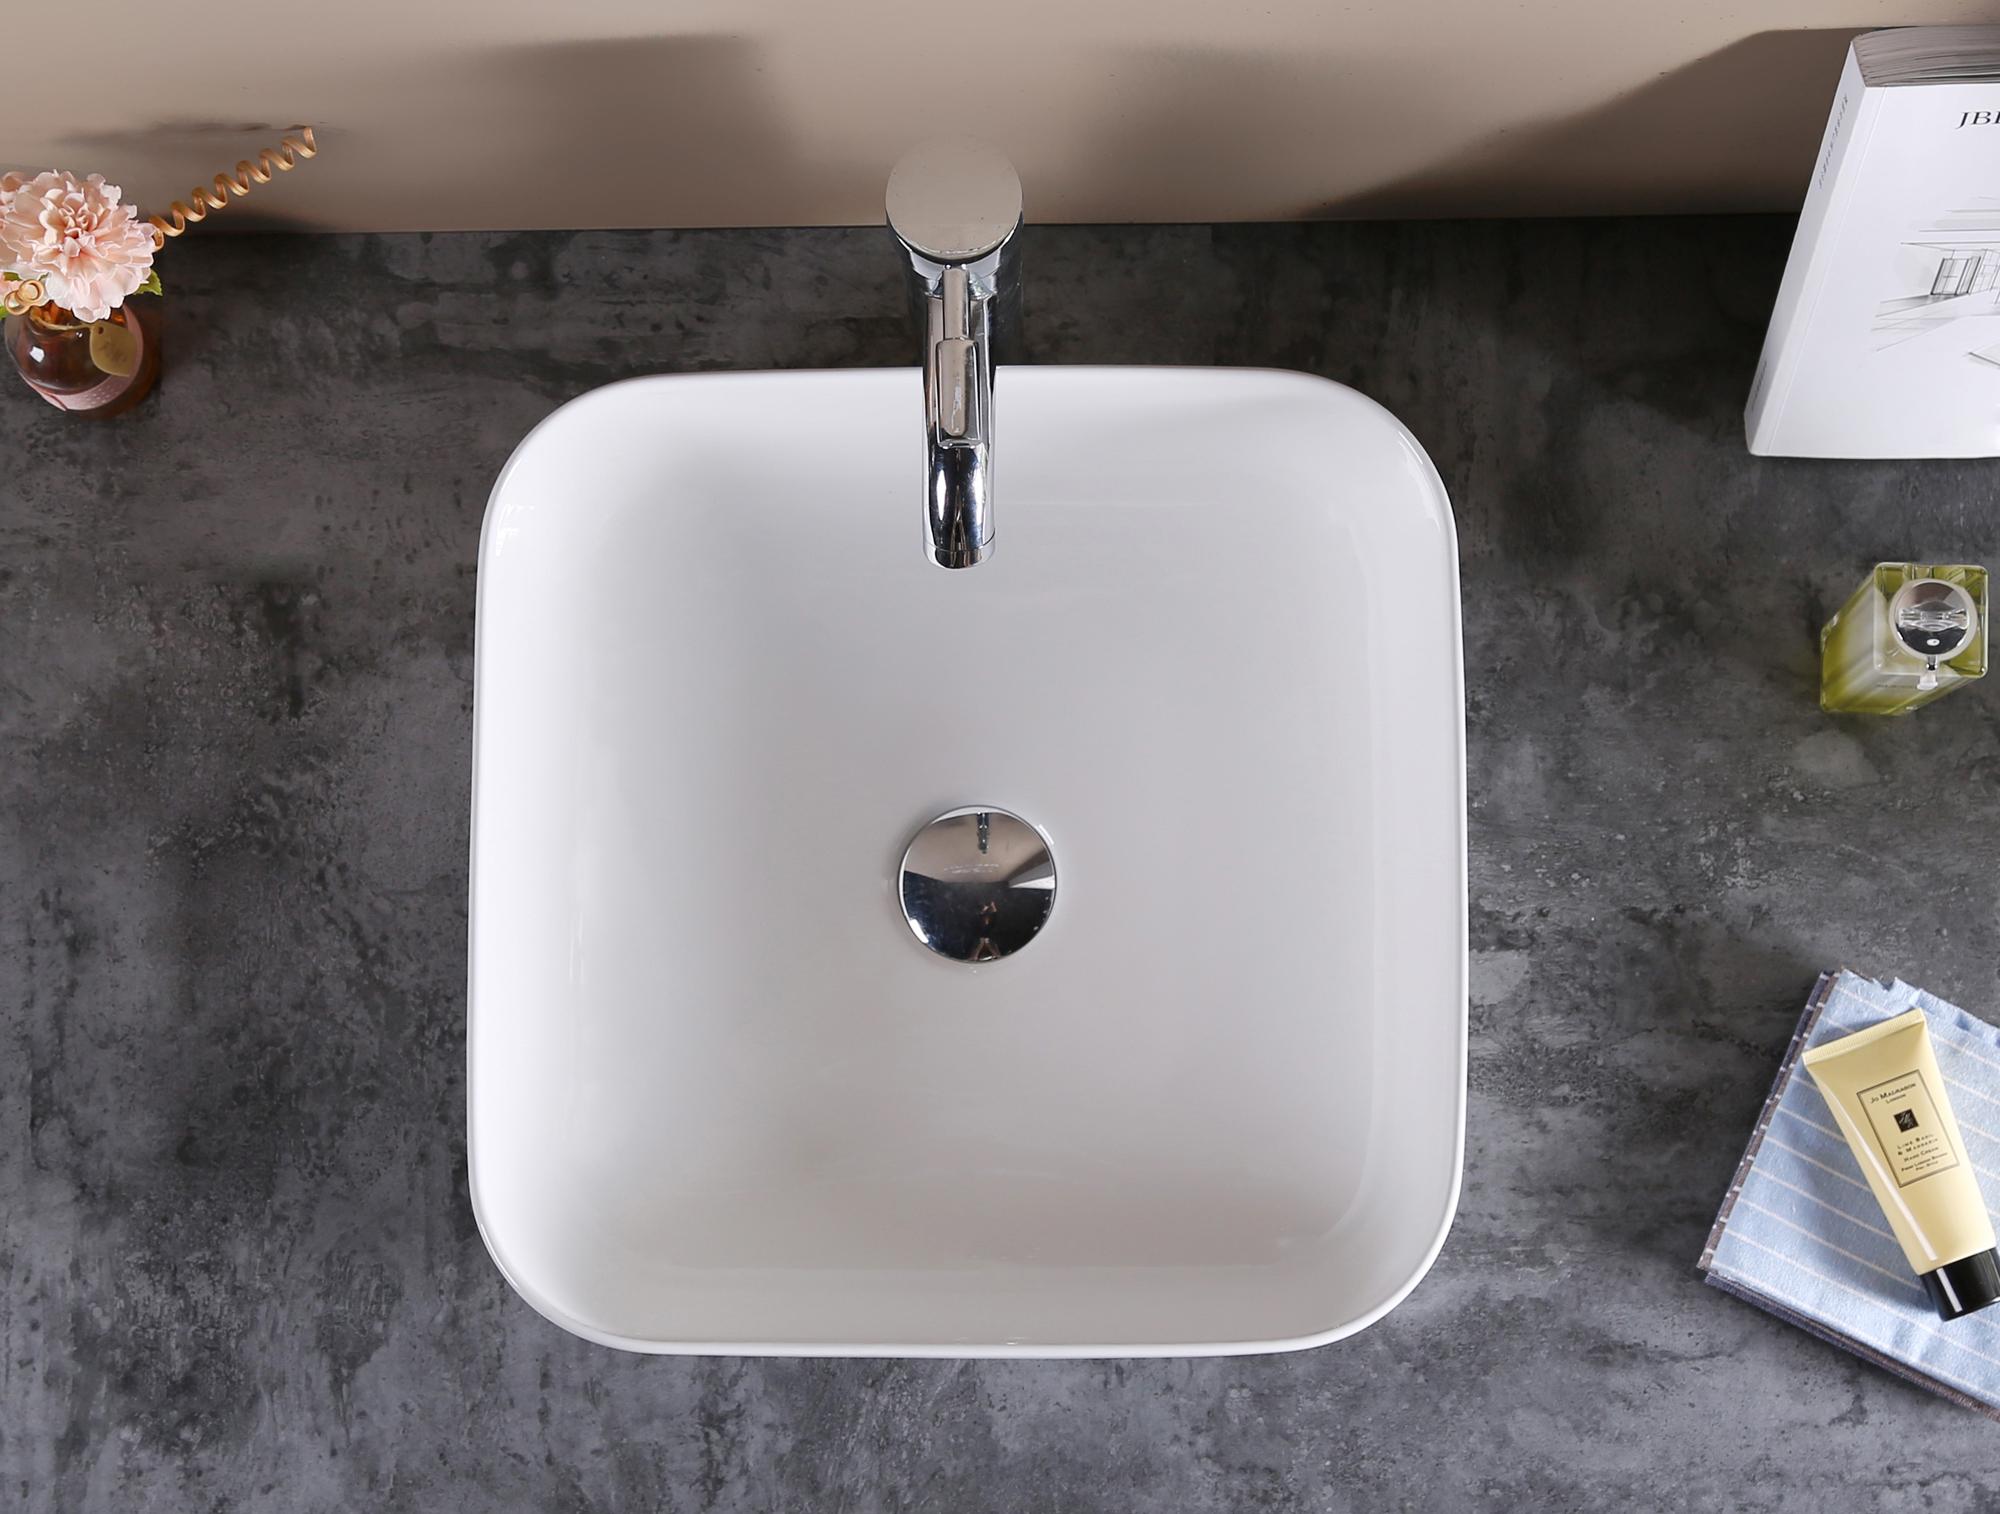 Toto under counter wash basin ryobi 2000w heat gun